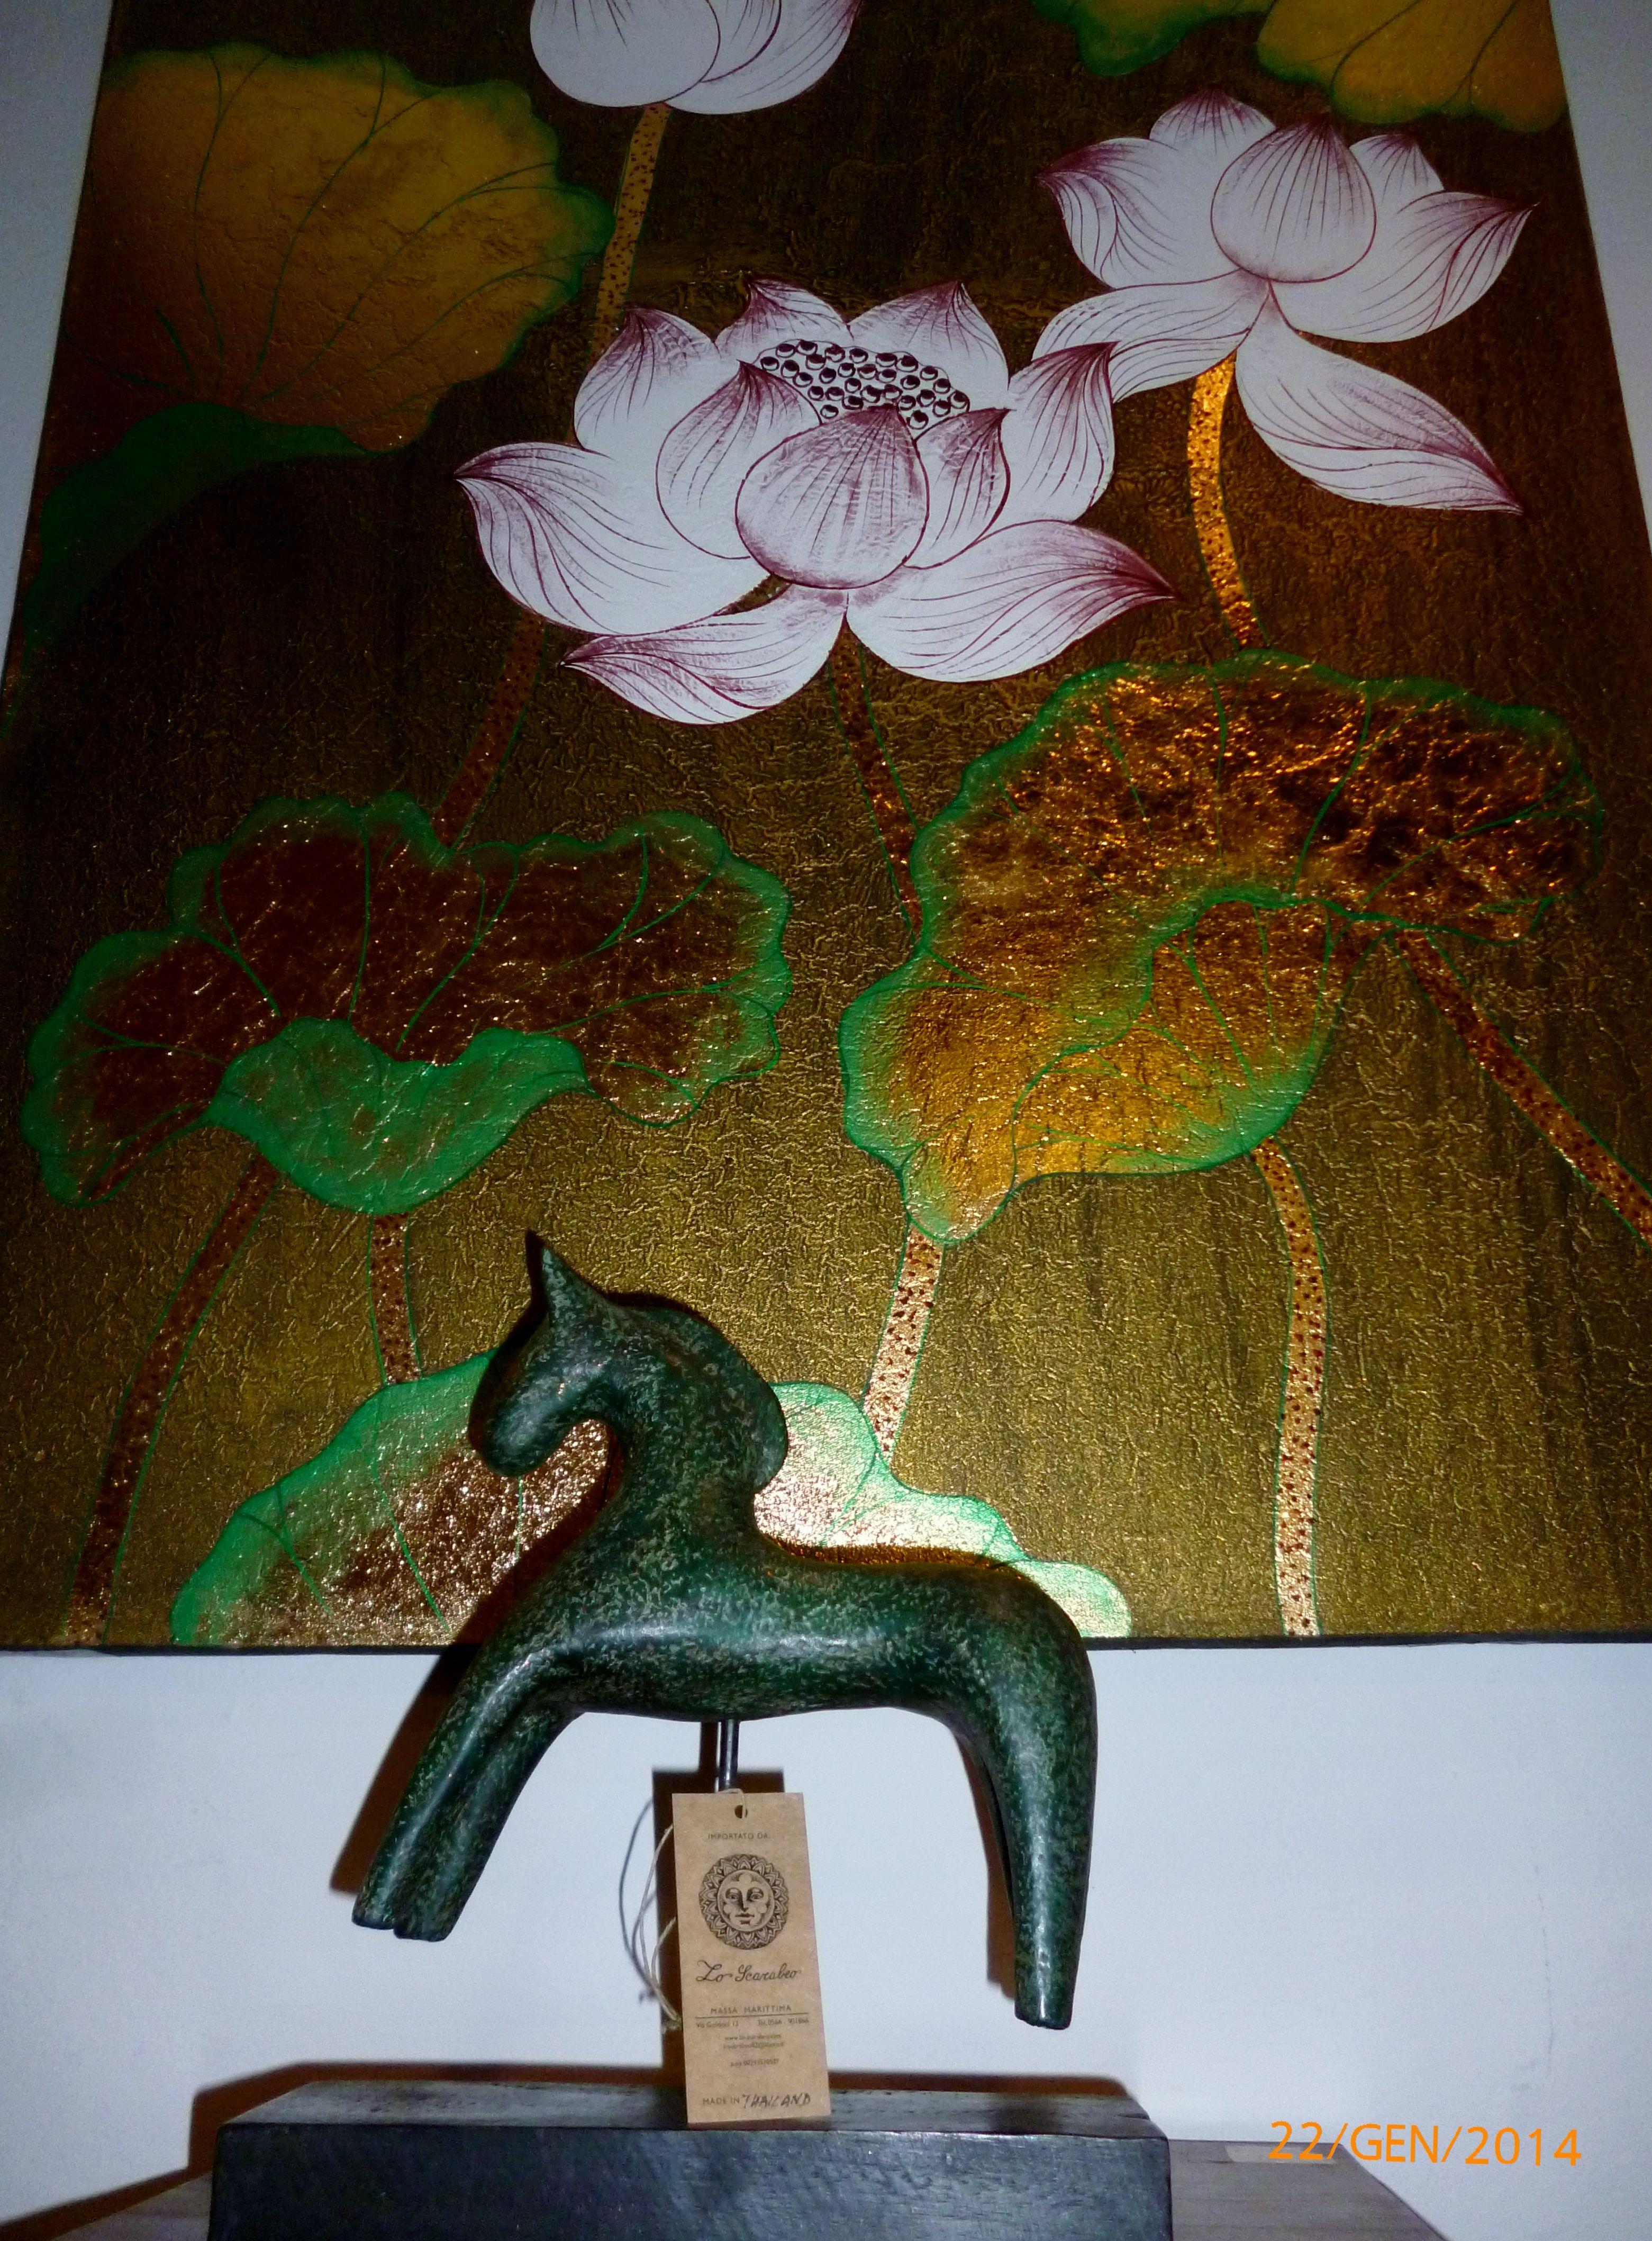 cavallino in legno €22,50